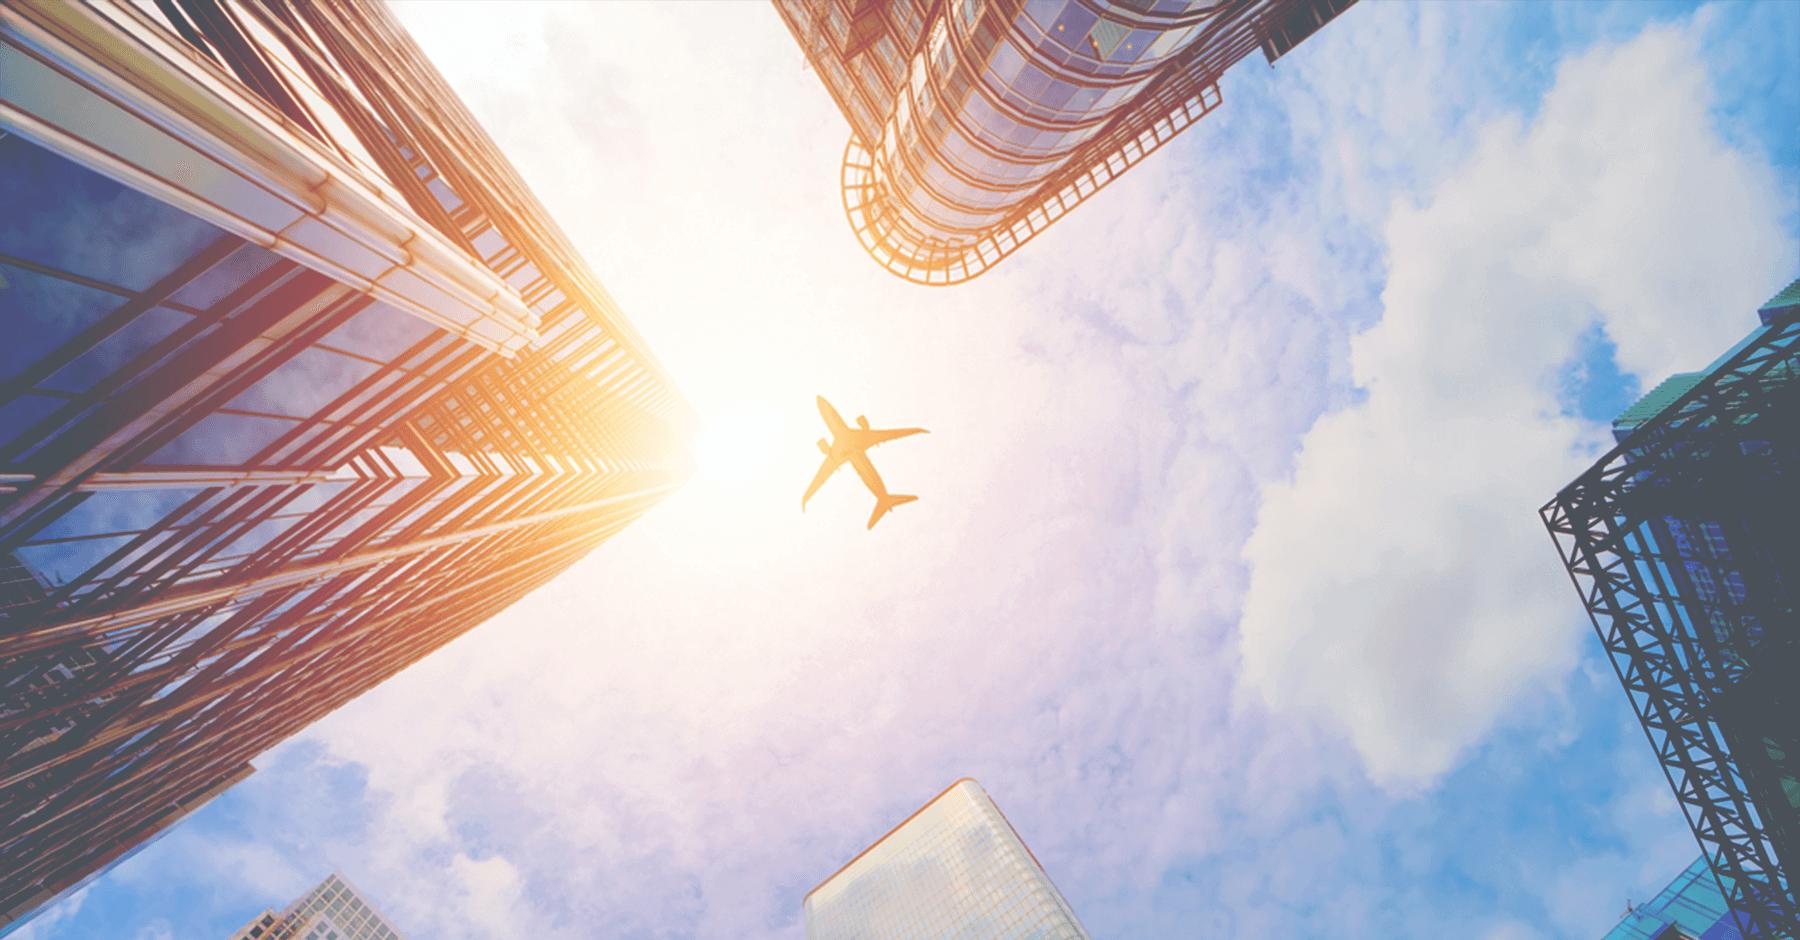 Παράγοντες Κατάταξης για SEO στον ταξιδιωτικό κλάδο